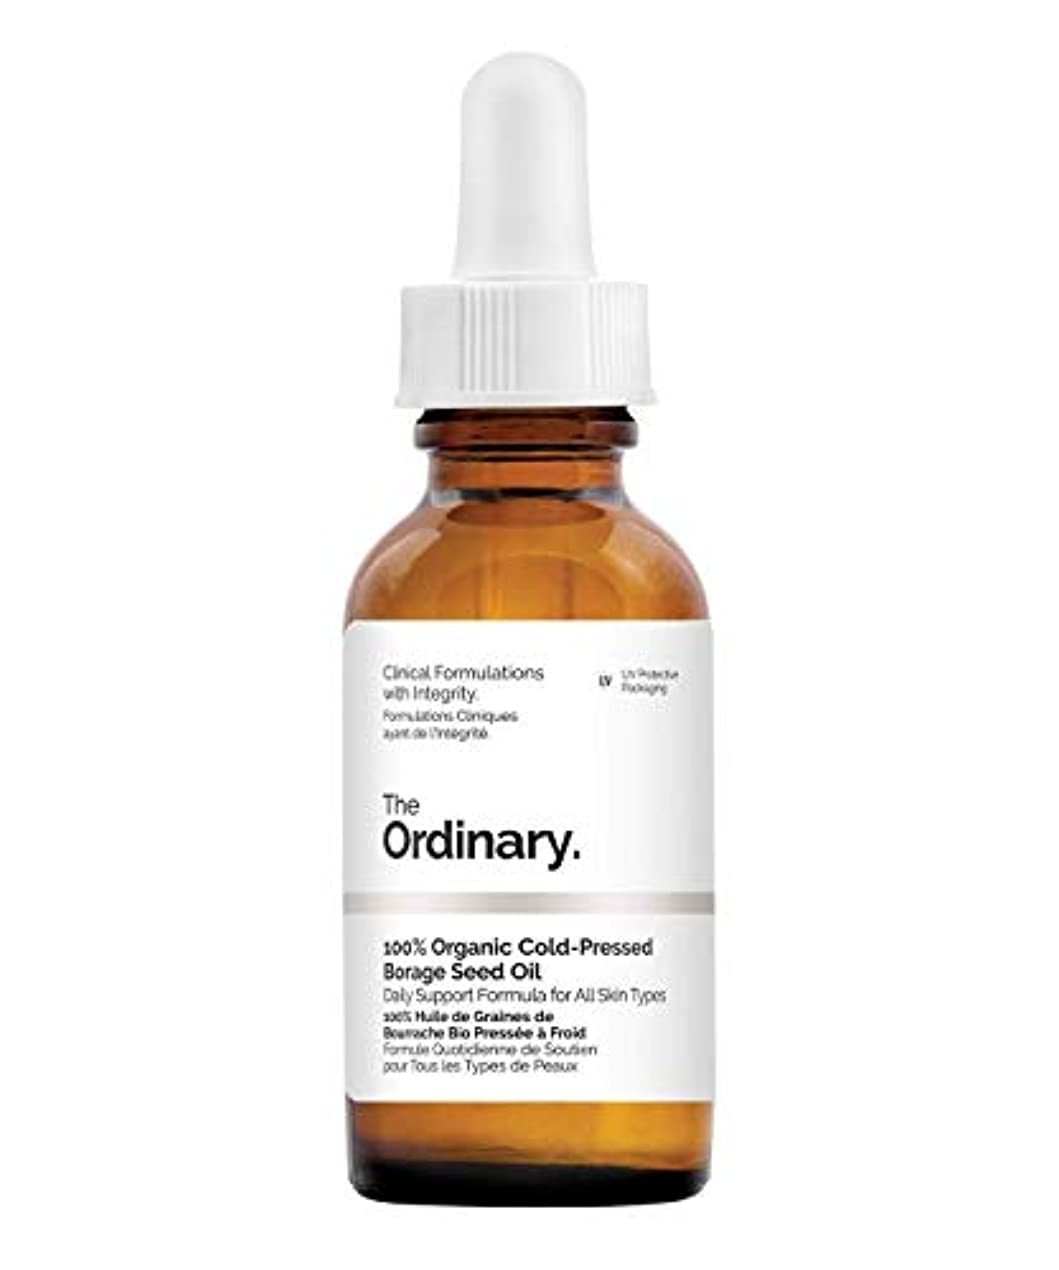 影響を受けやすいです歯科医スライスThe Ordinary 100% Organic Cold-Pressed Borage Seed Oil 30ml